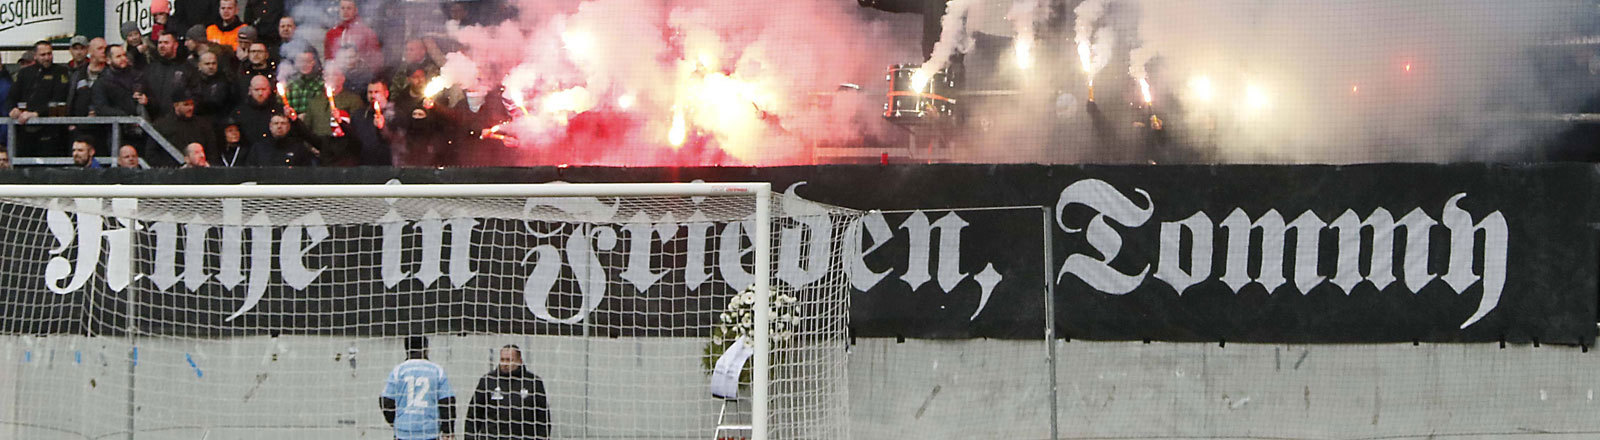 Trauerbekundung im Chemnitzer Stadion für rechtsextremen Hooligan